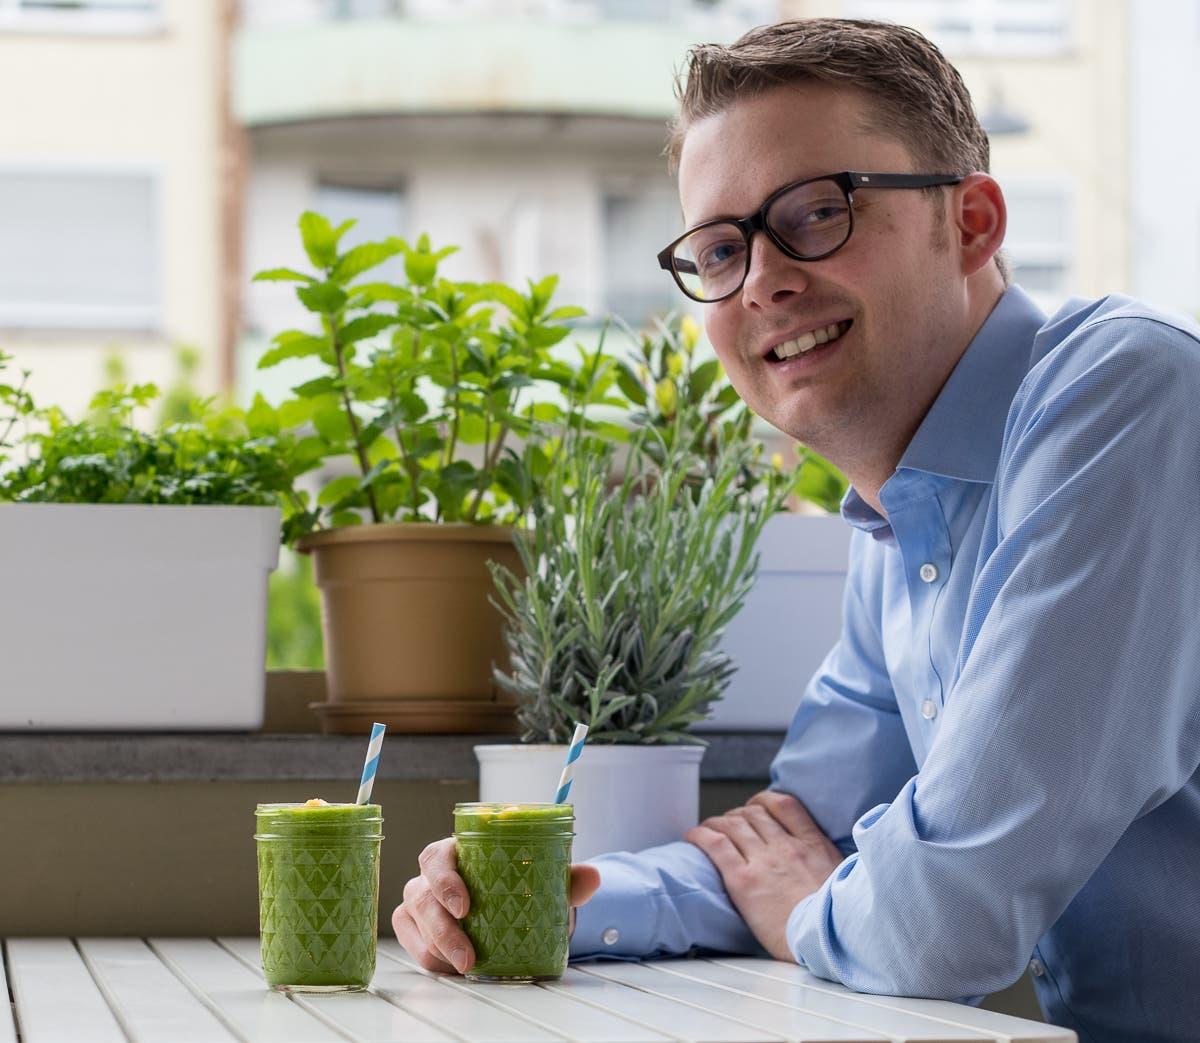 Mann an Tisch sitzend mit grünem Smoothie in der Hand